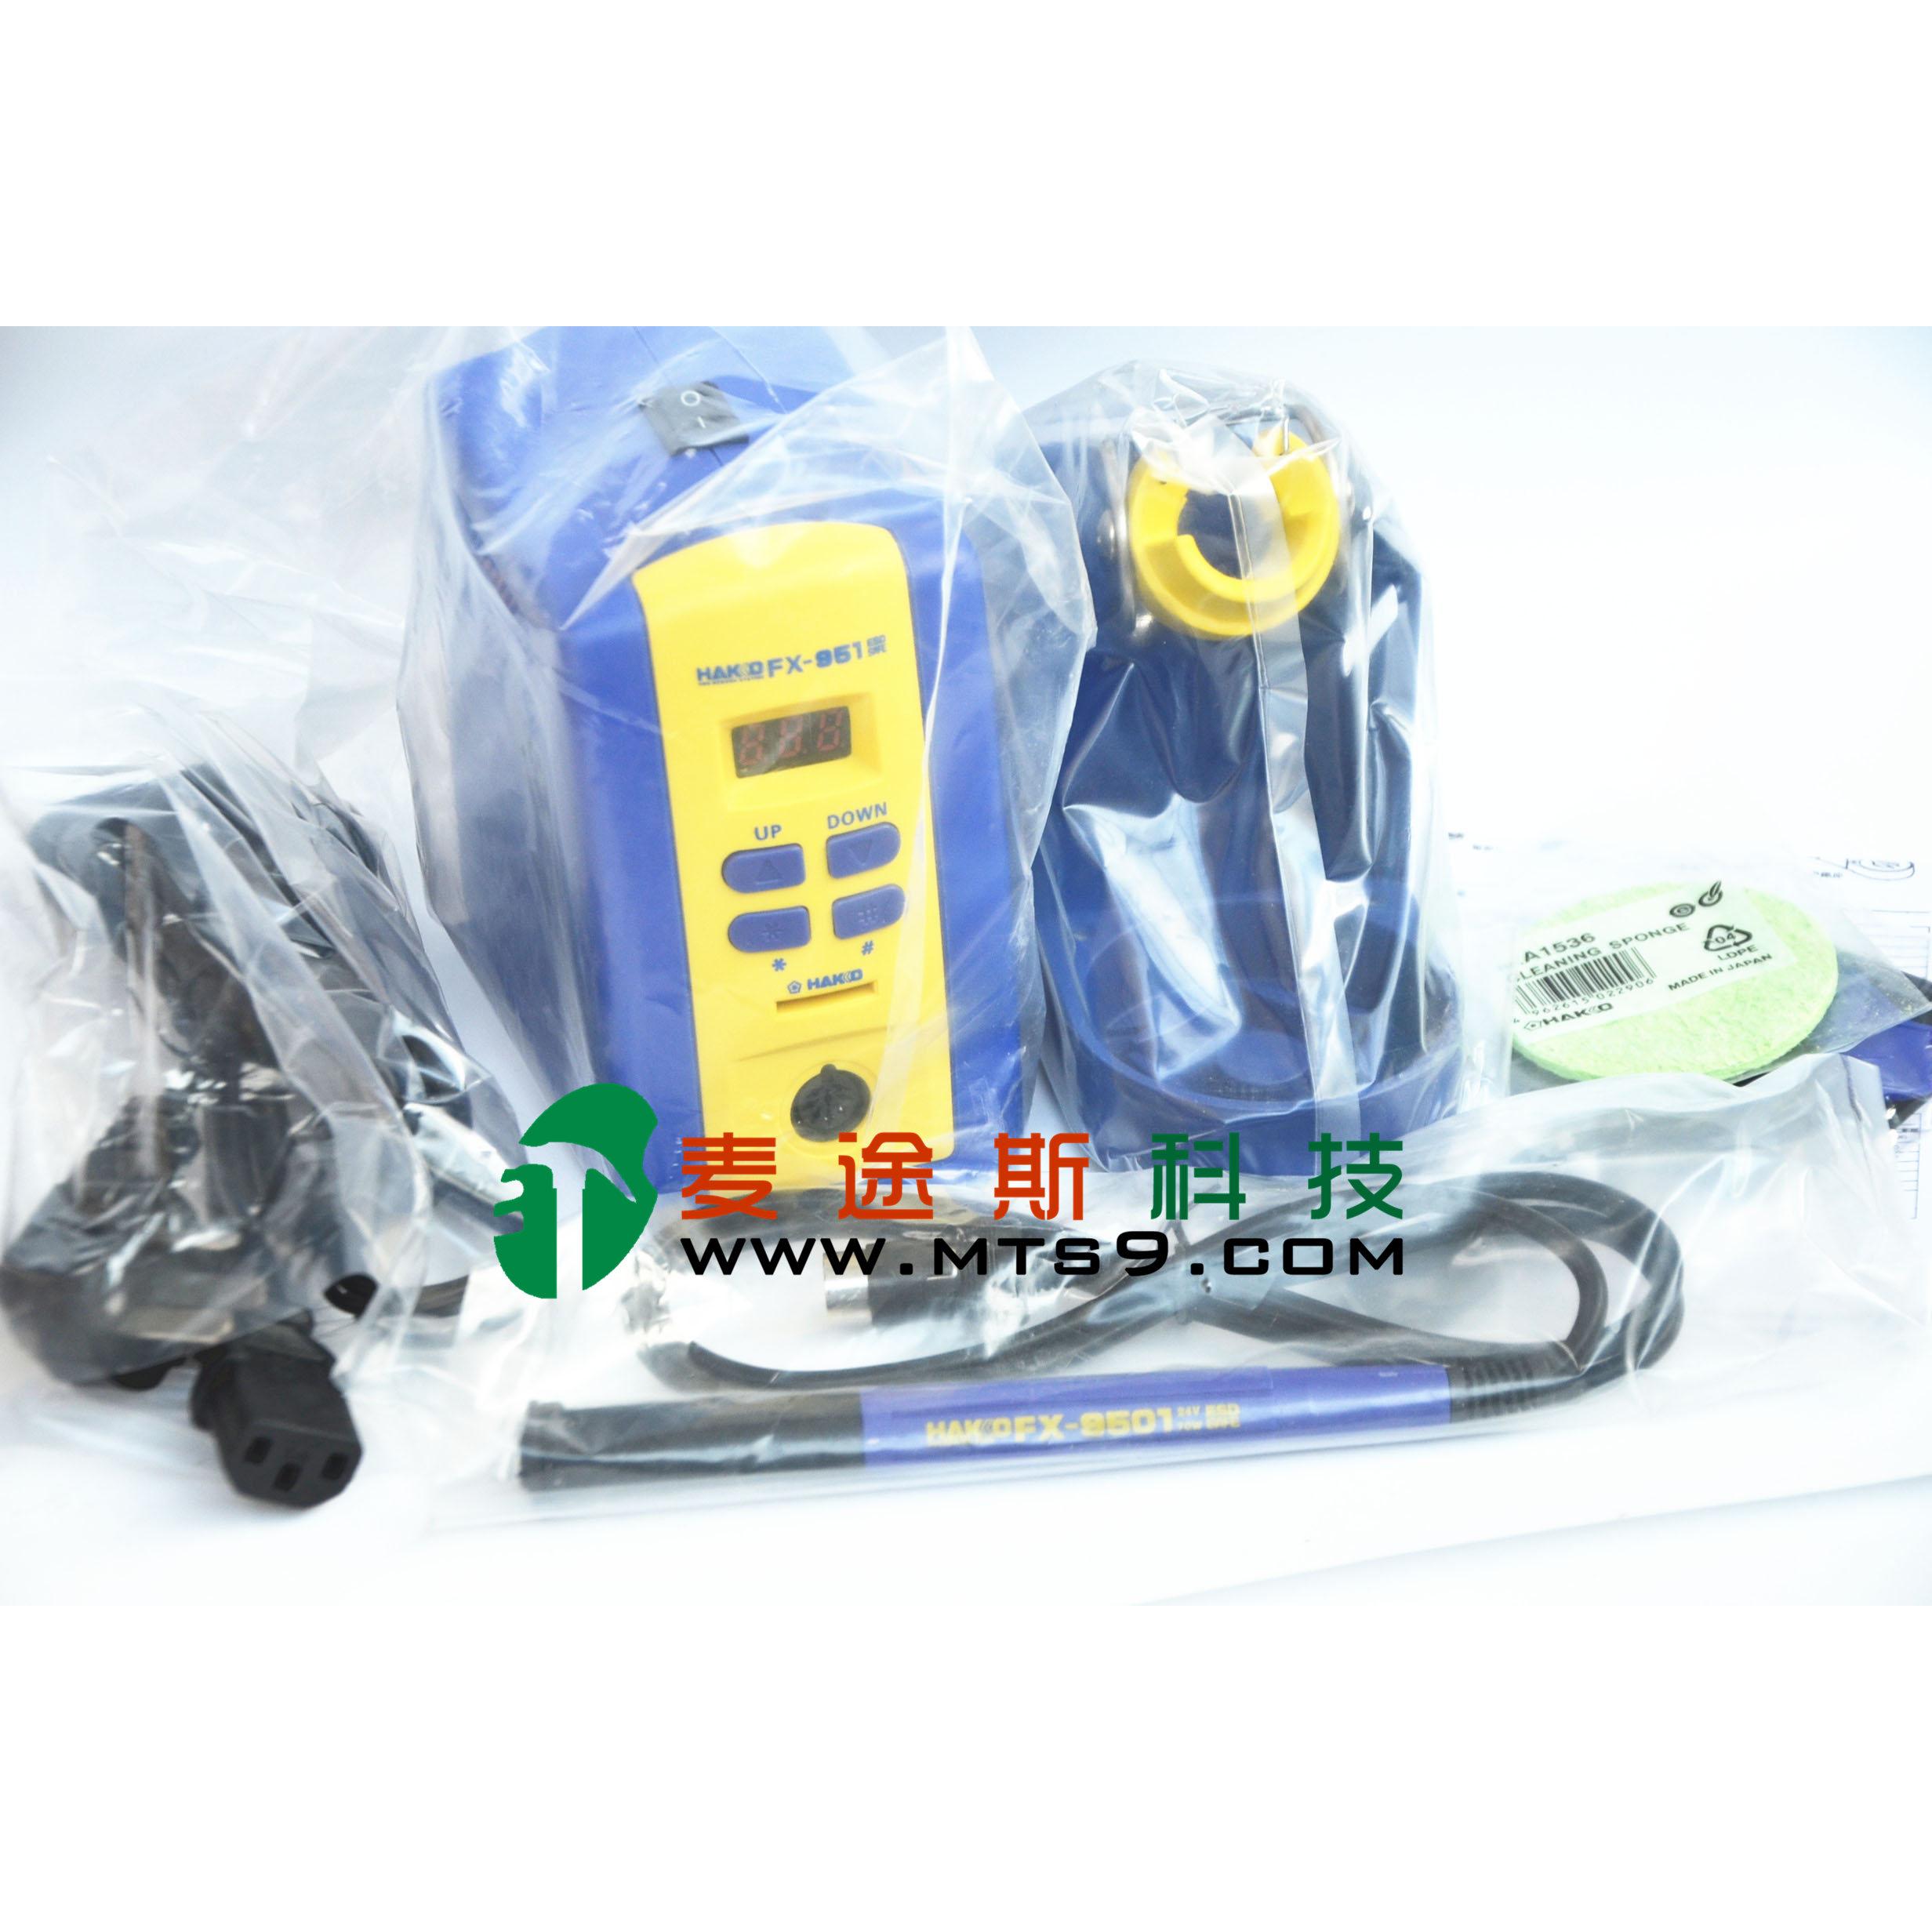 白光FX-951焊台图片